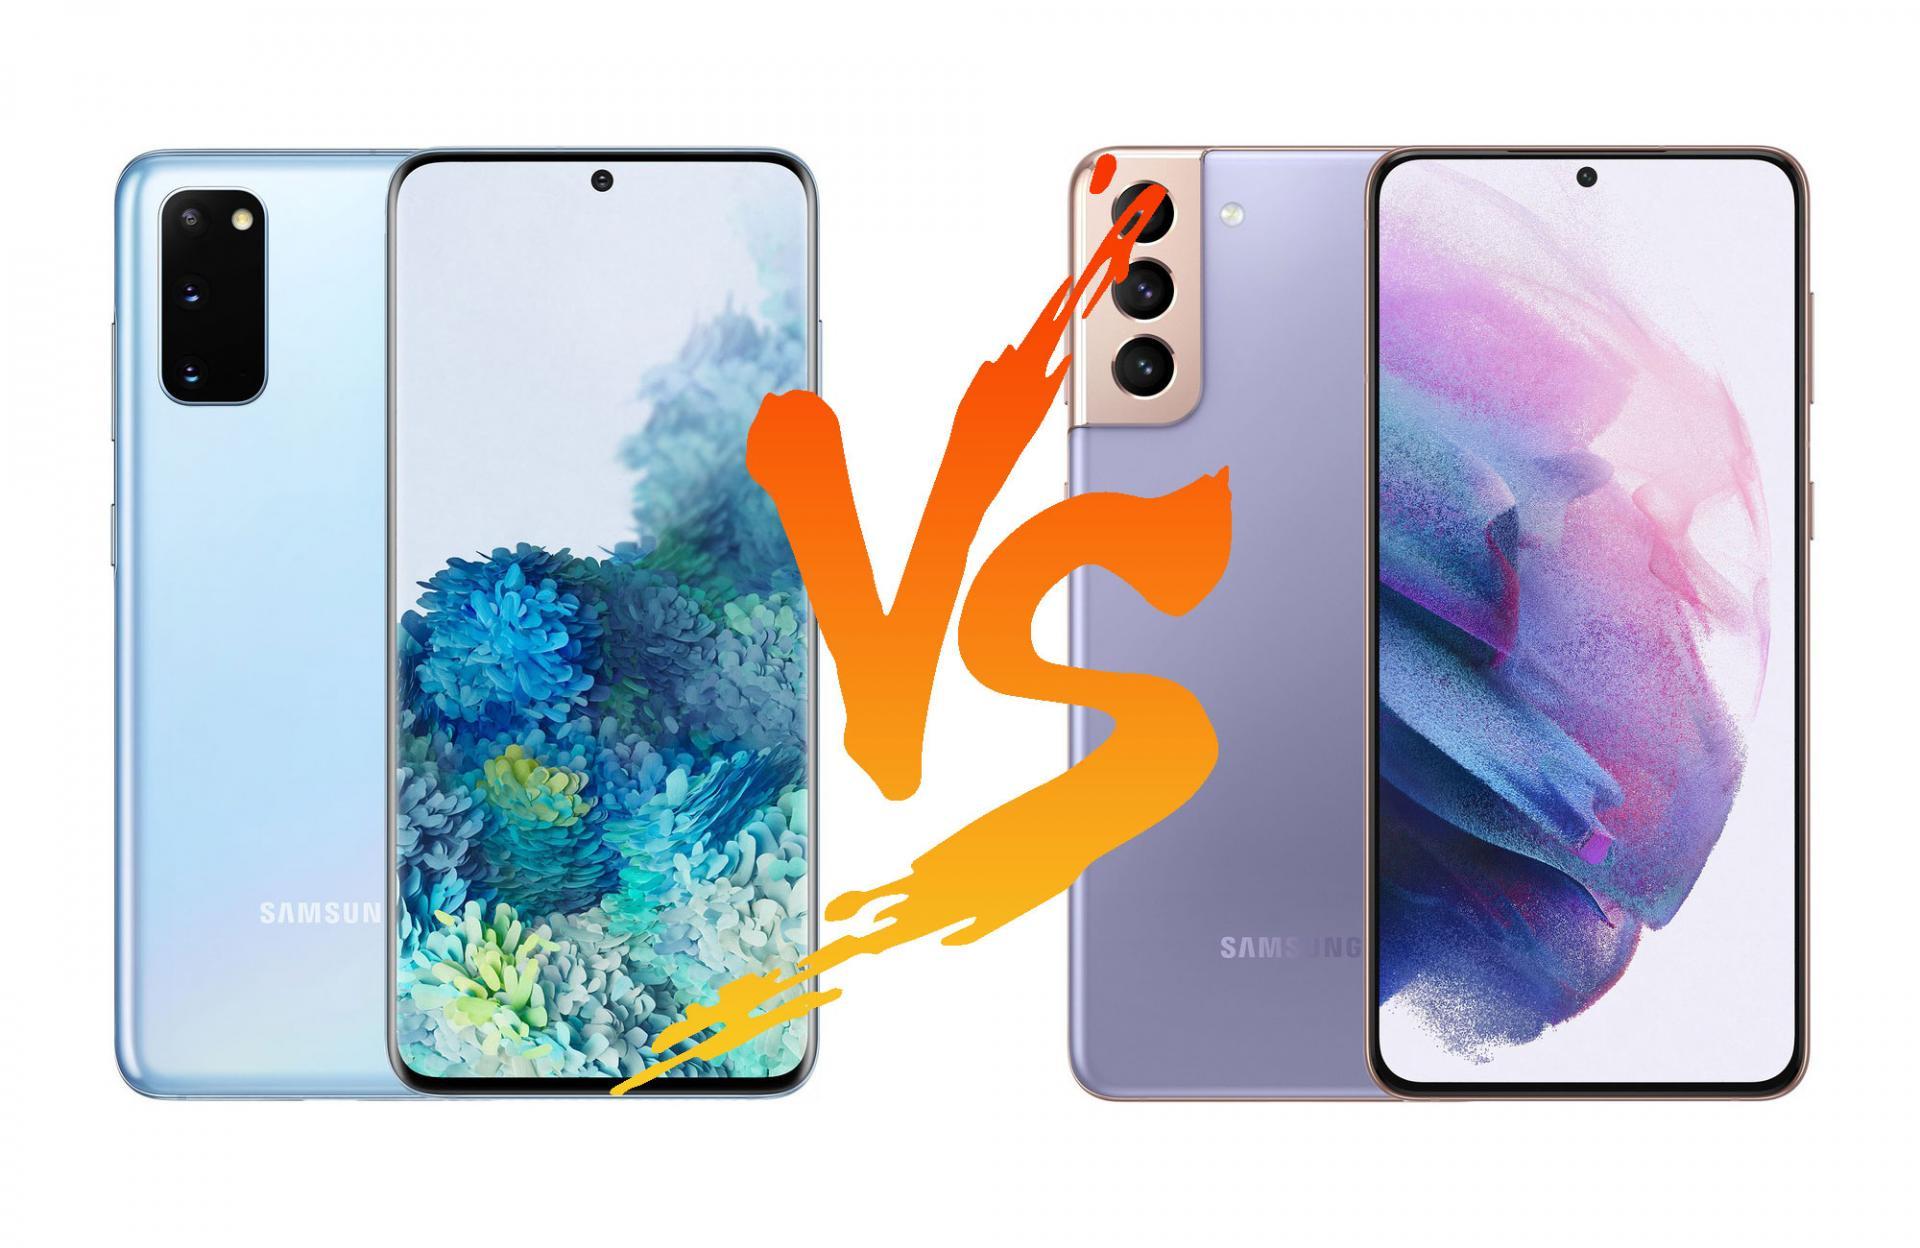 Samsung Galaxy S21 или S20: какой актуальнее в2021 году ипочему?